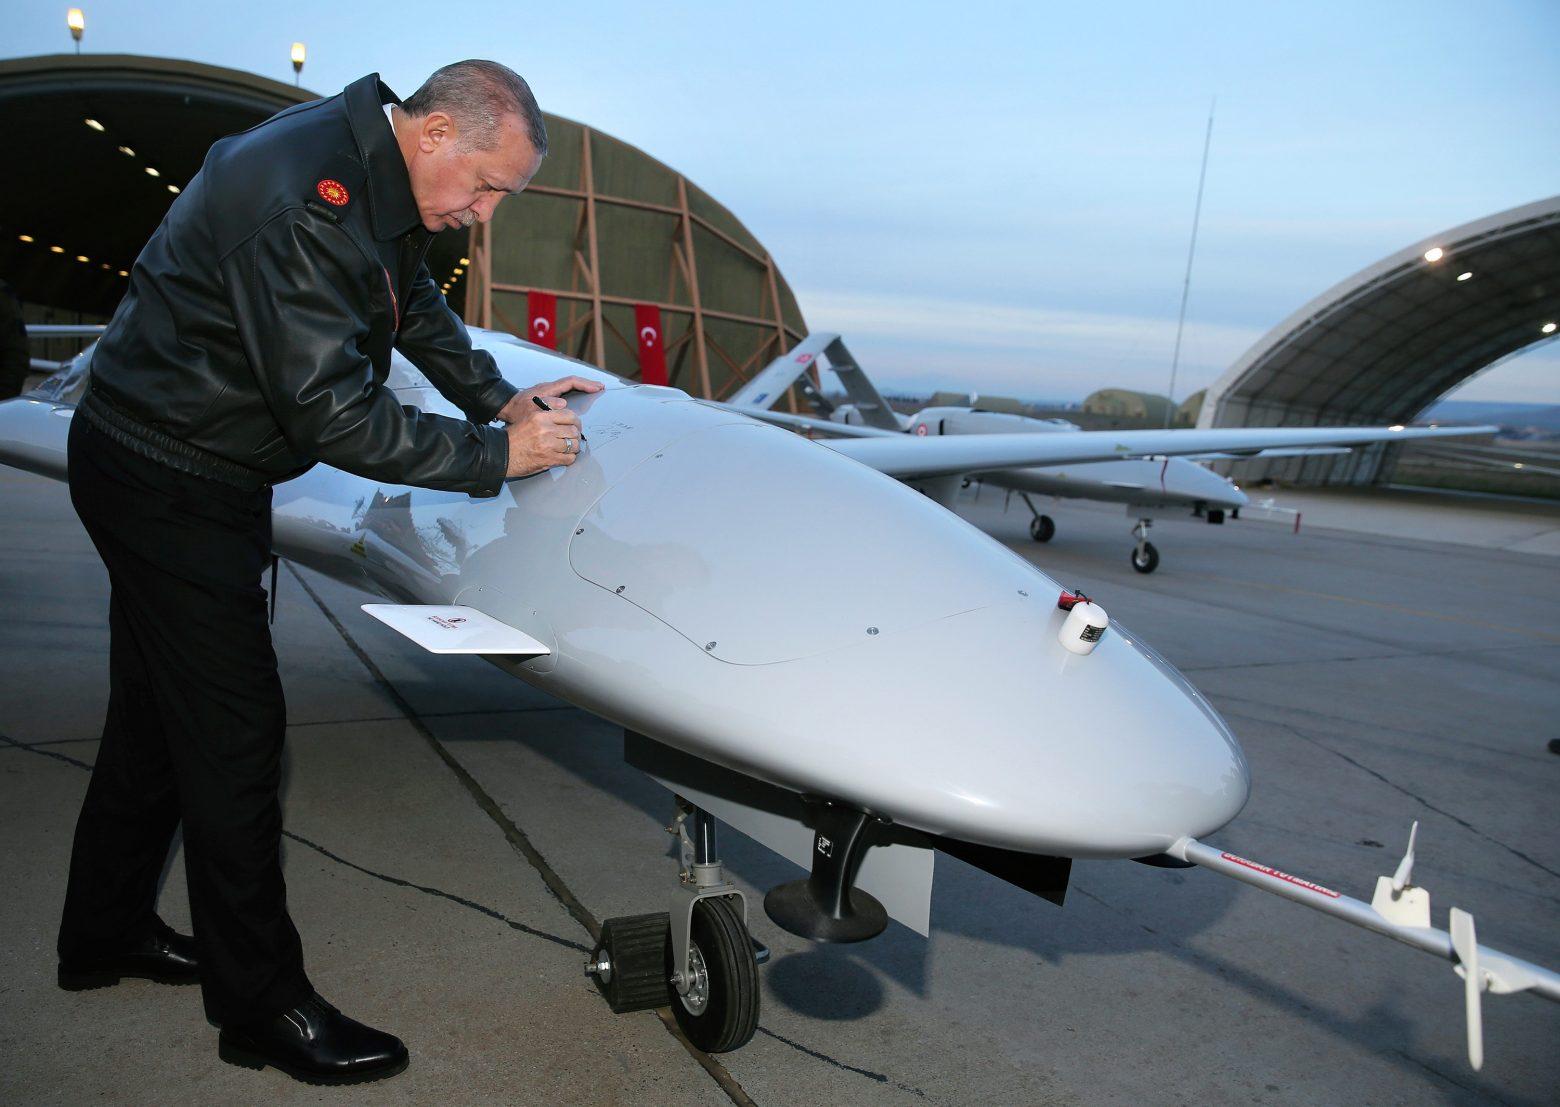 Τουρκία: Η διπλωματία των drones και οι νέες συμμαχίες